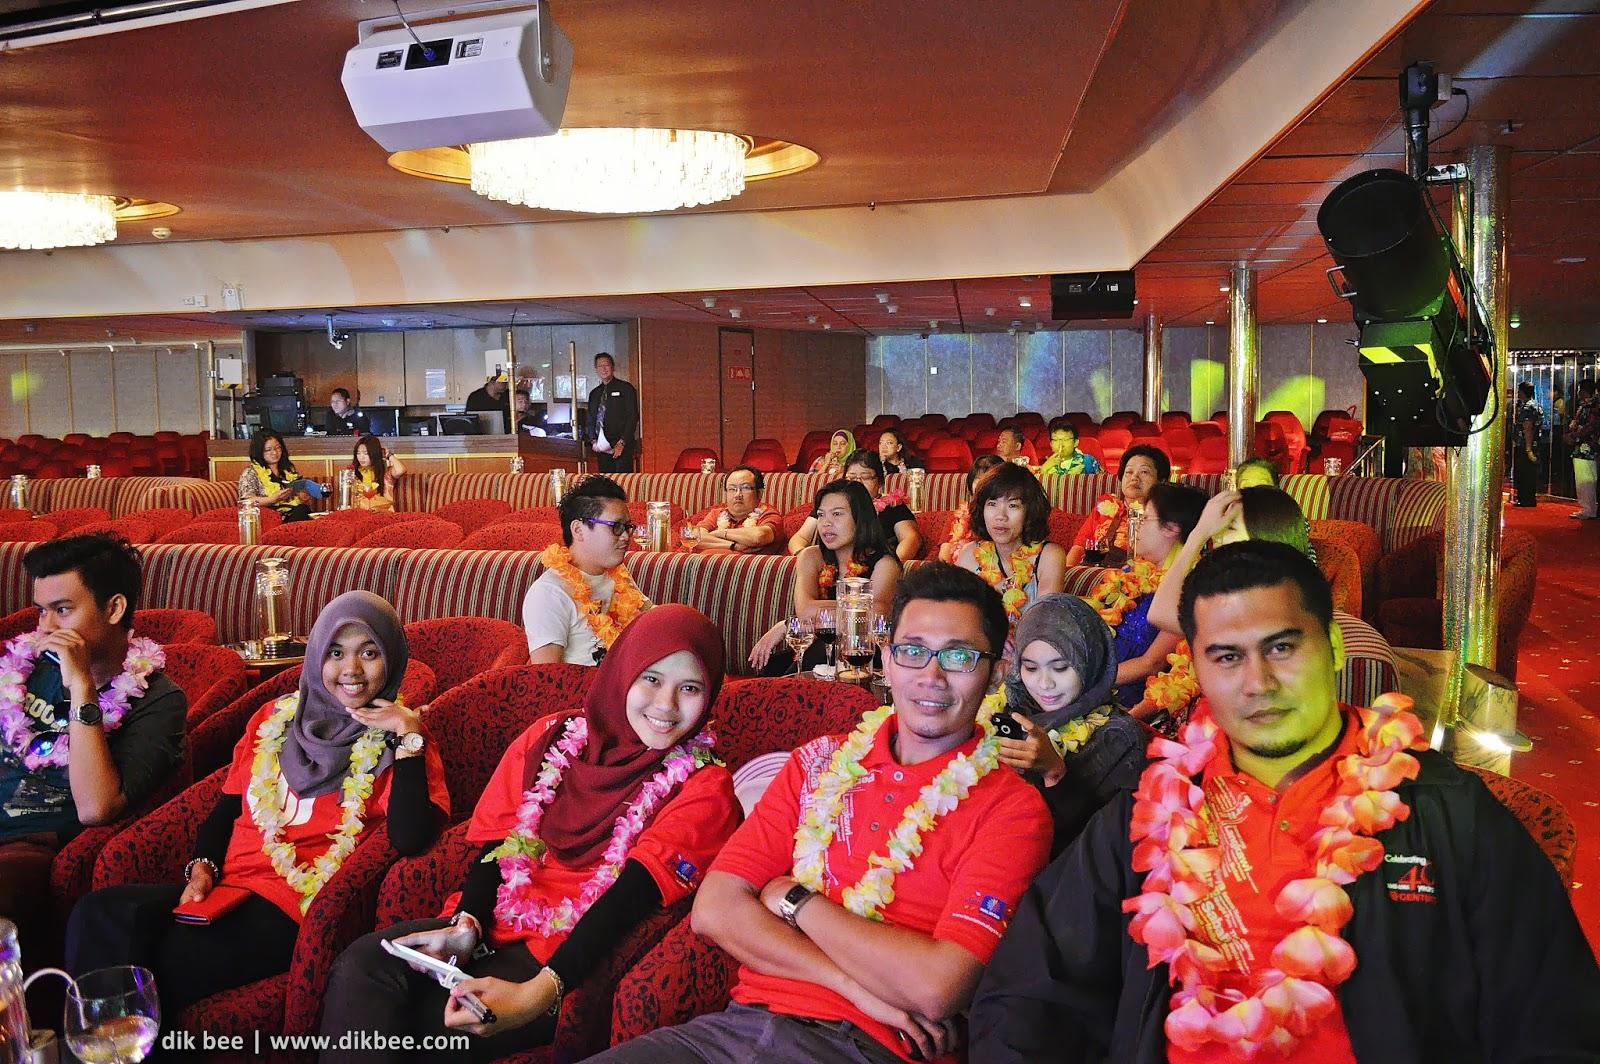 Malam Anugerah Ejen Pelancongan | Star Cruise Superstar Libra